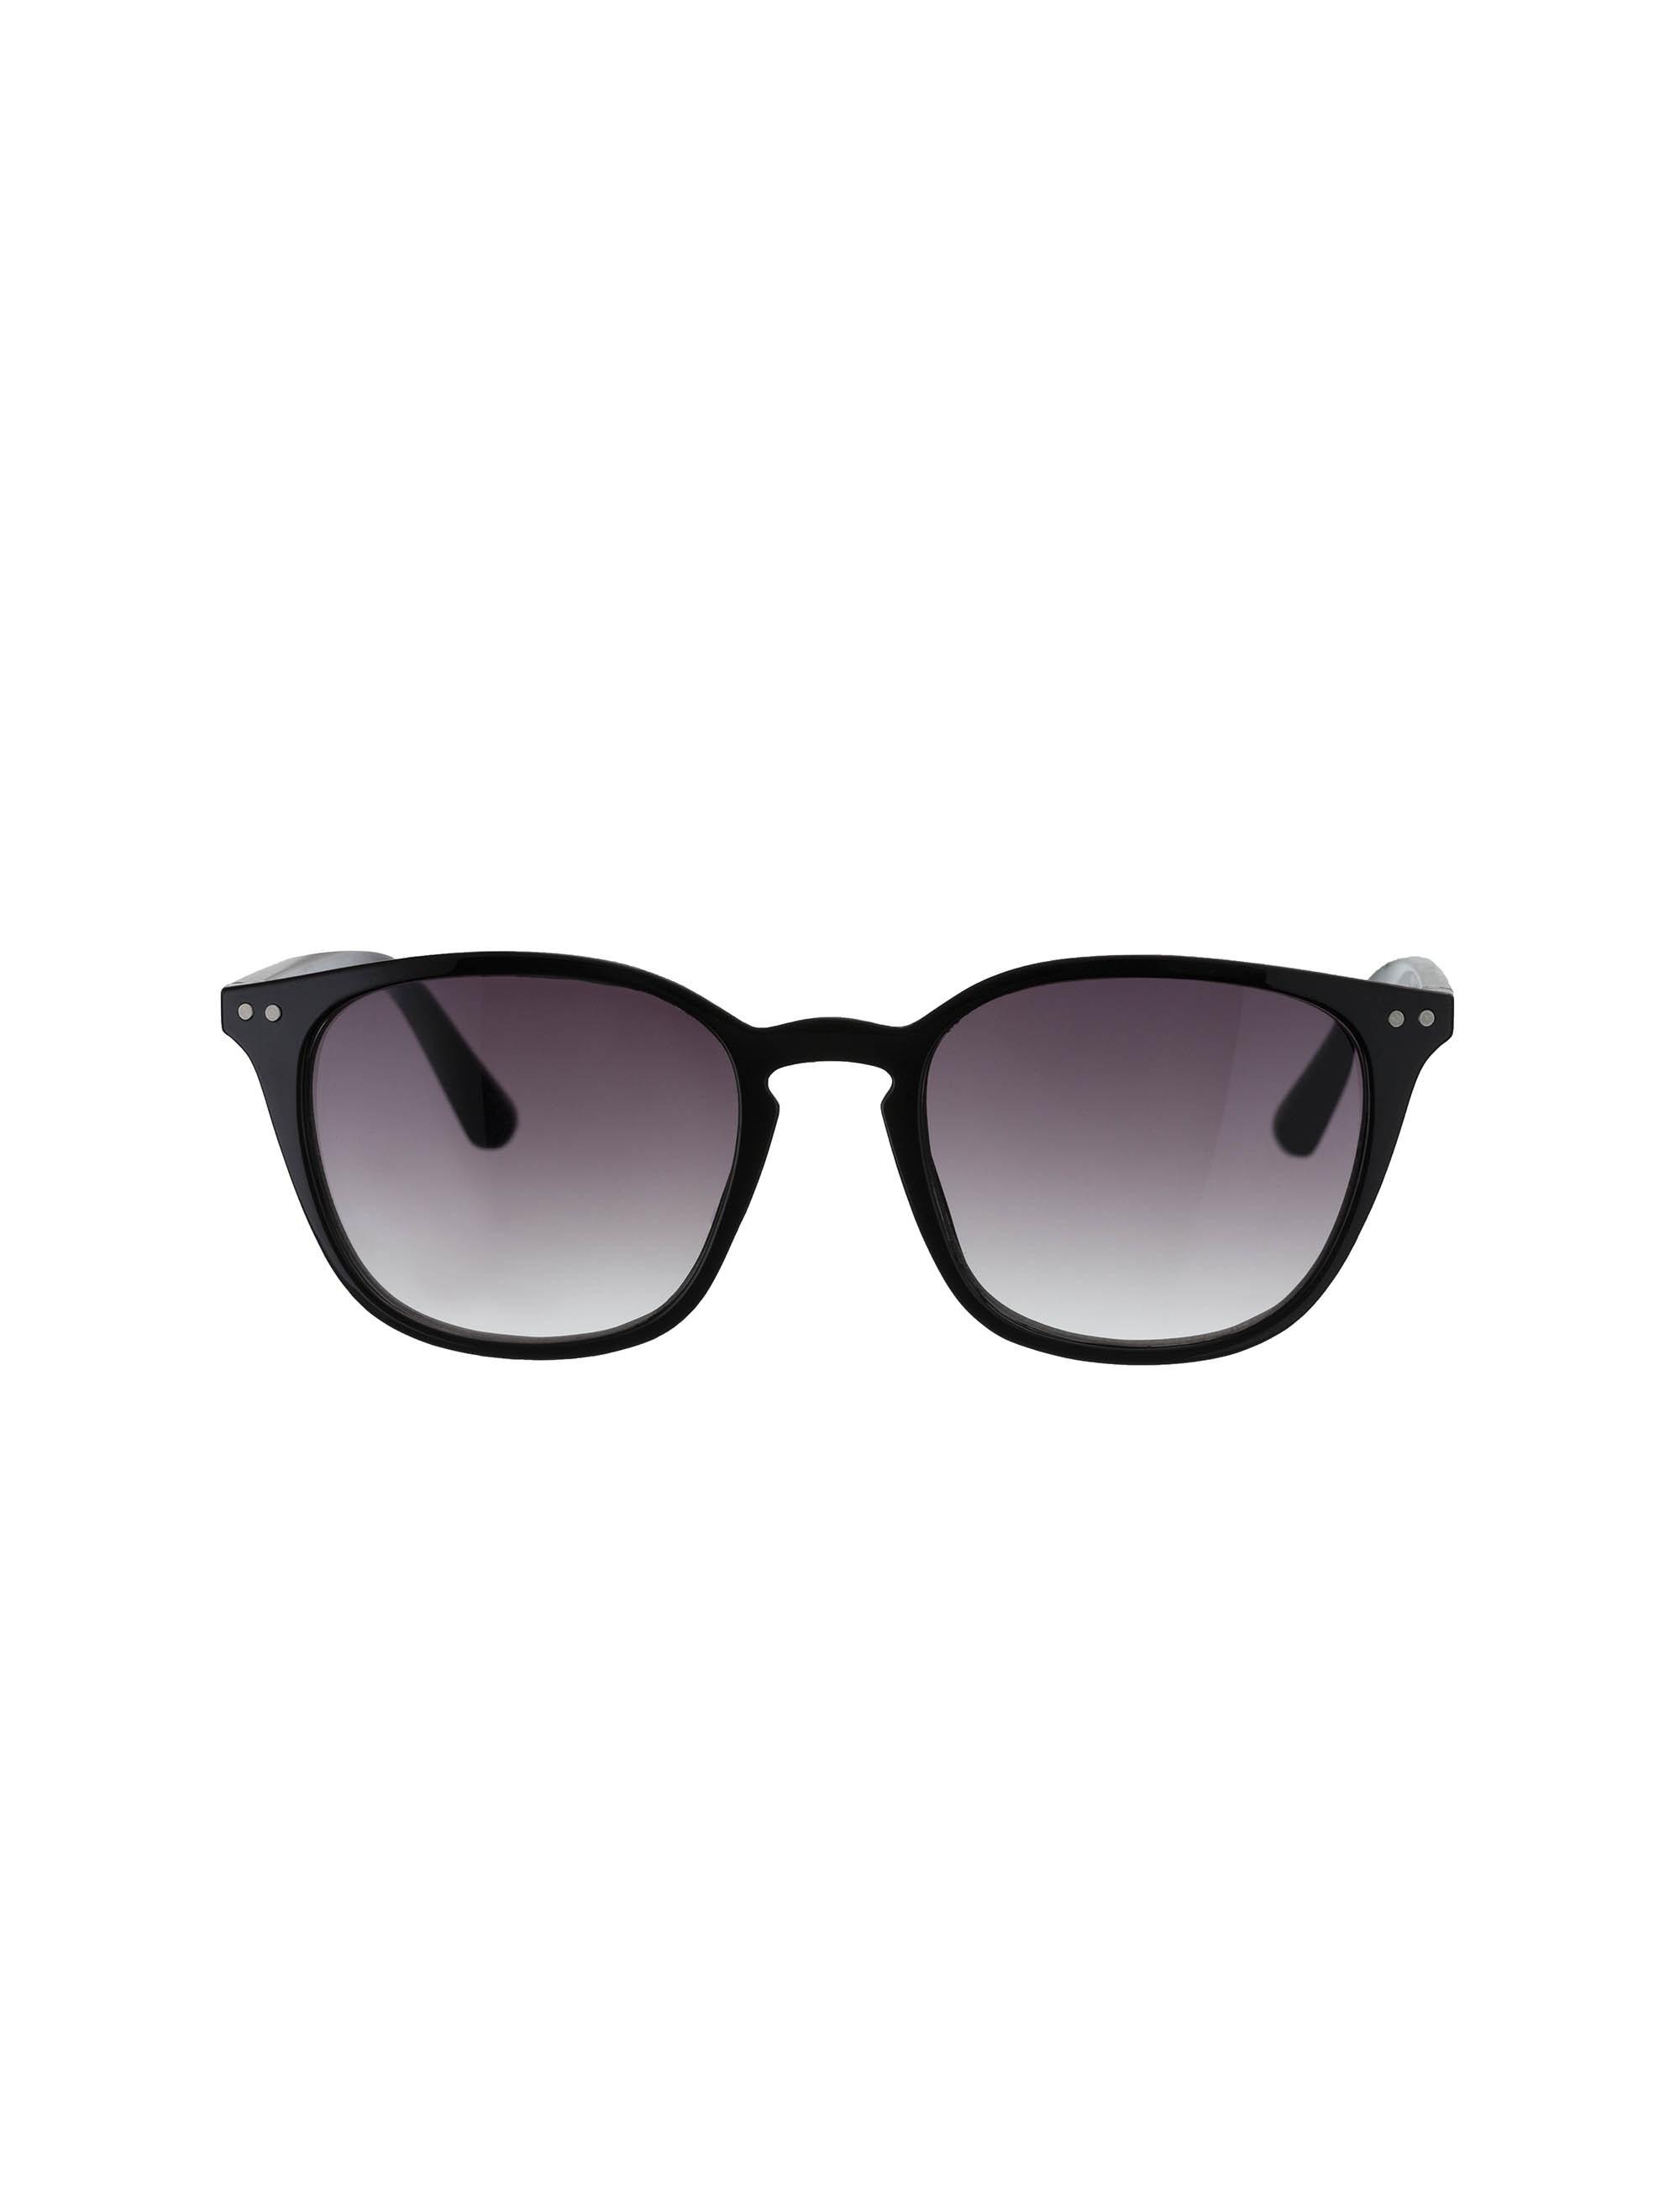 عینک آفتابی مربعی زنانه - مشکي - 1